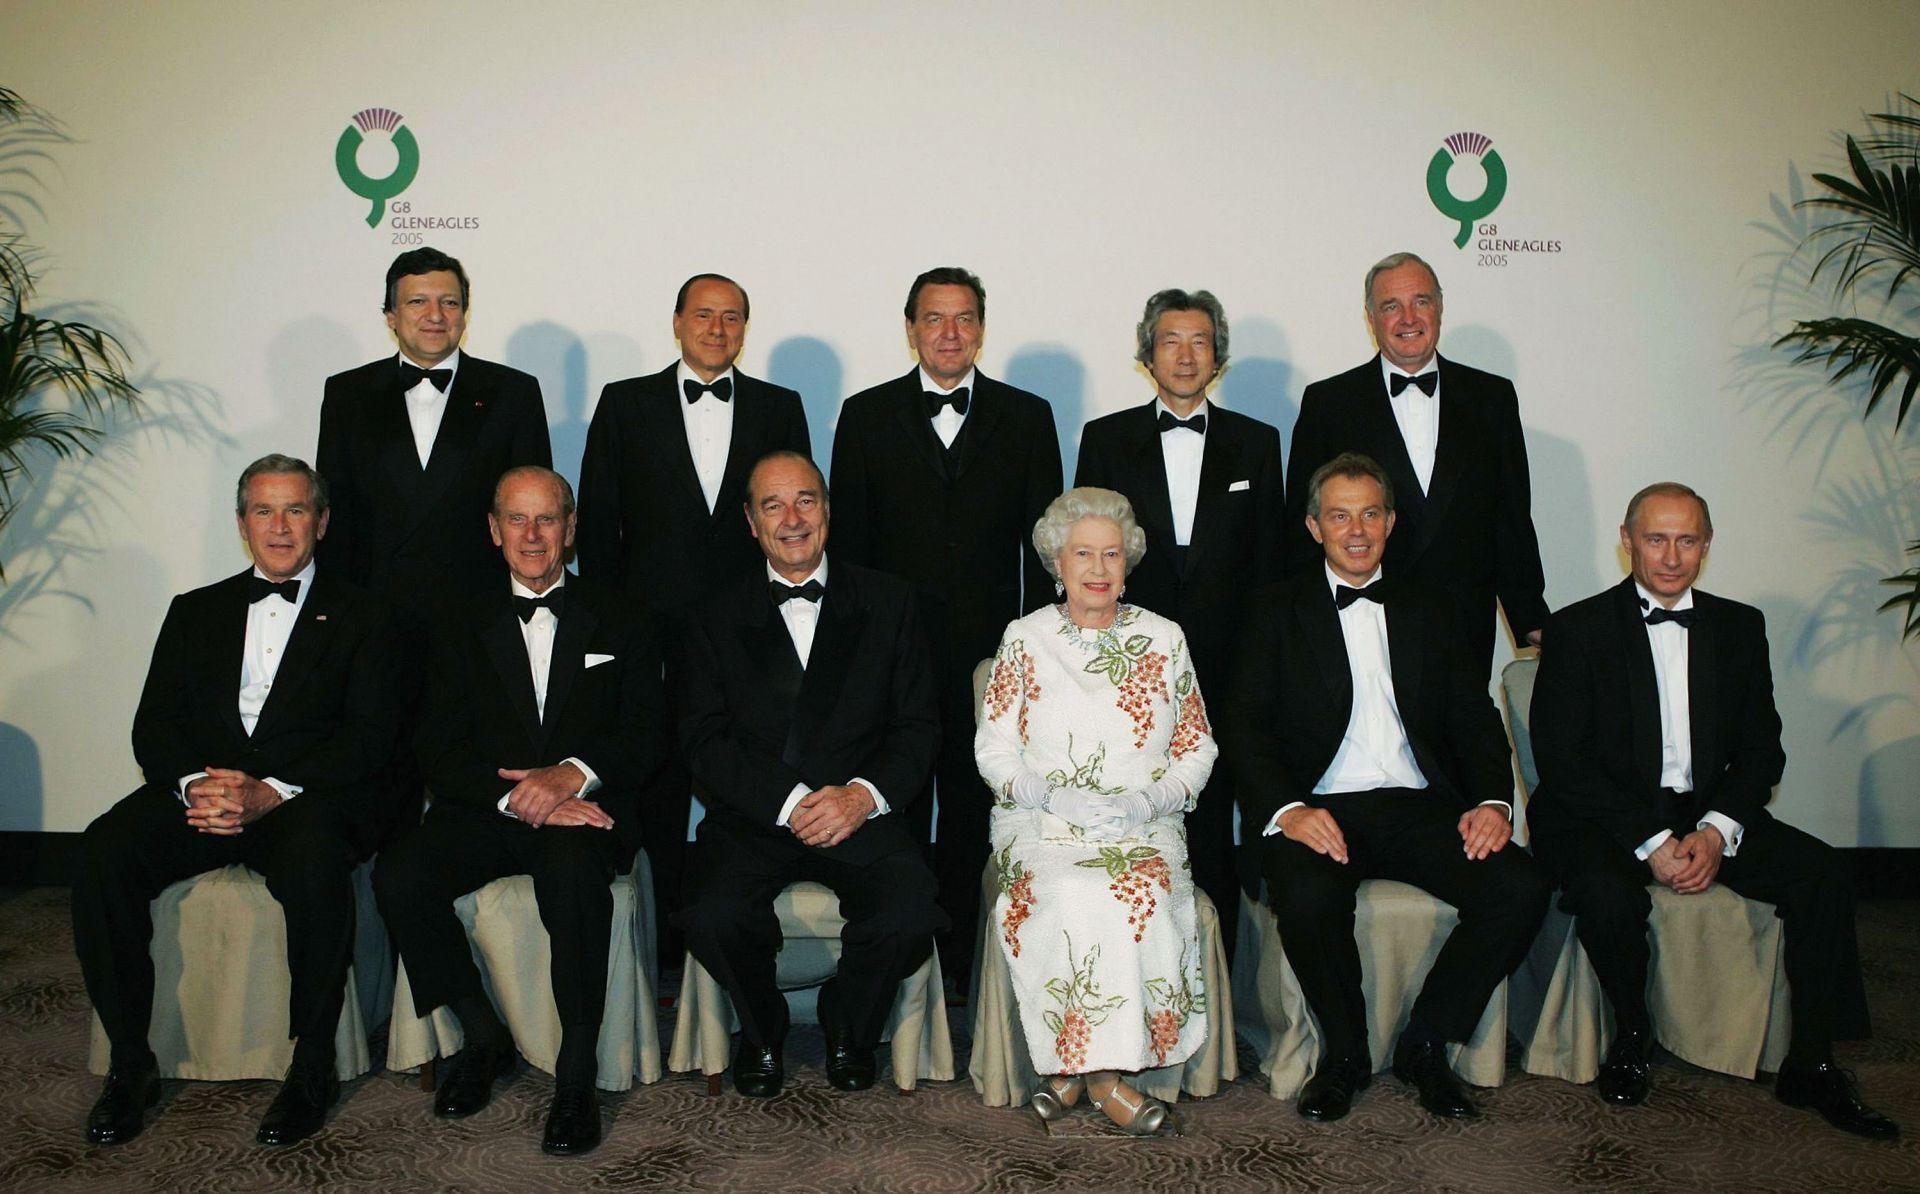 6 юли 2005 г. Британската кралица Елизабет II позира за групова снимка с лидерите на Г-8 - президента на САЩ Буш, британския принц Филип, френския президент Жак Ширак, британския премиер Тони Блеър, руския президент Владимир Путин, председателя на Европейската комисия Жозе Мануел Барозу, италианскияя премиер Силвио Берлускони, германския канцлер Герхард Шрьодер, японския премиер Джуничиро Коизуми и канадския премиер Пол Мартин, преди вечеря в Глейнълс по време на срещата на върха на Г-8 в Шотландия.